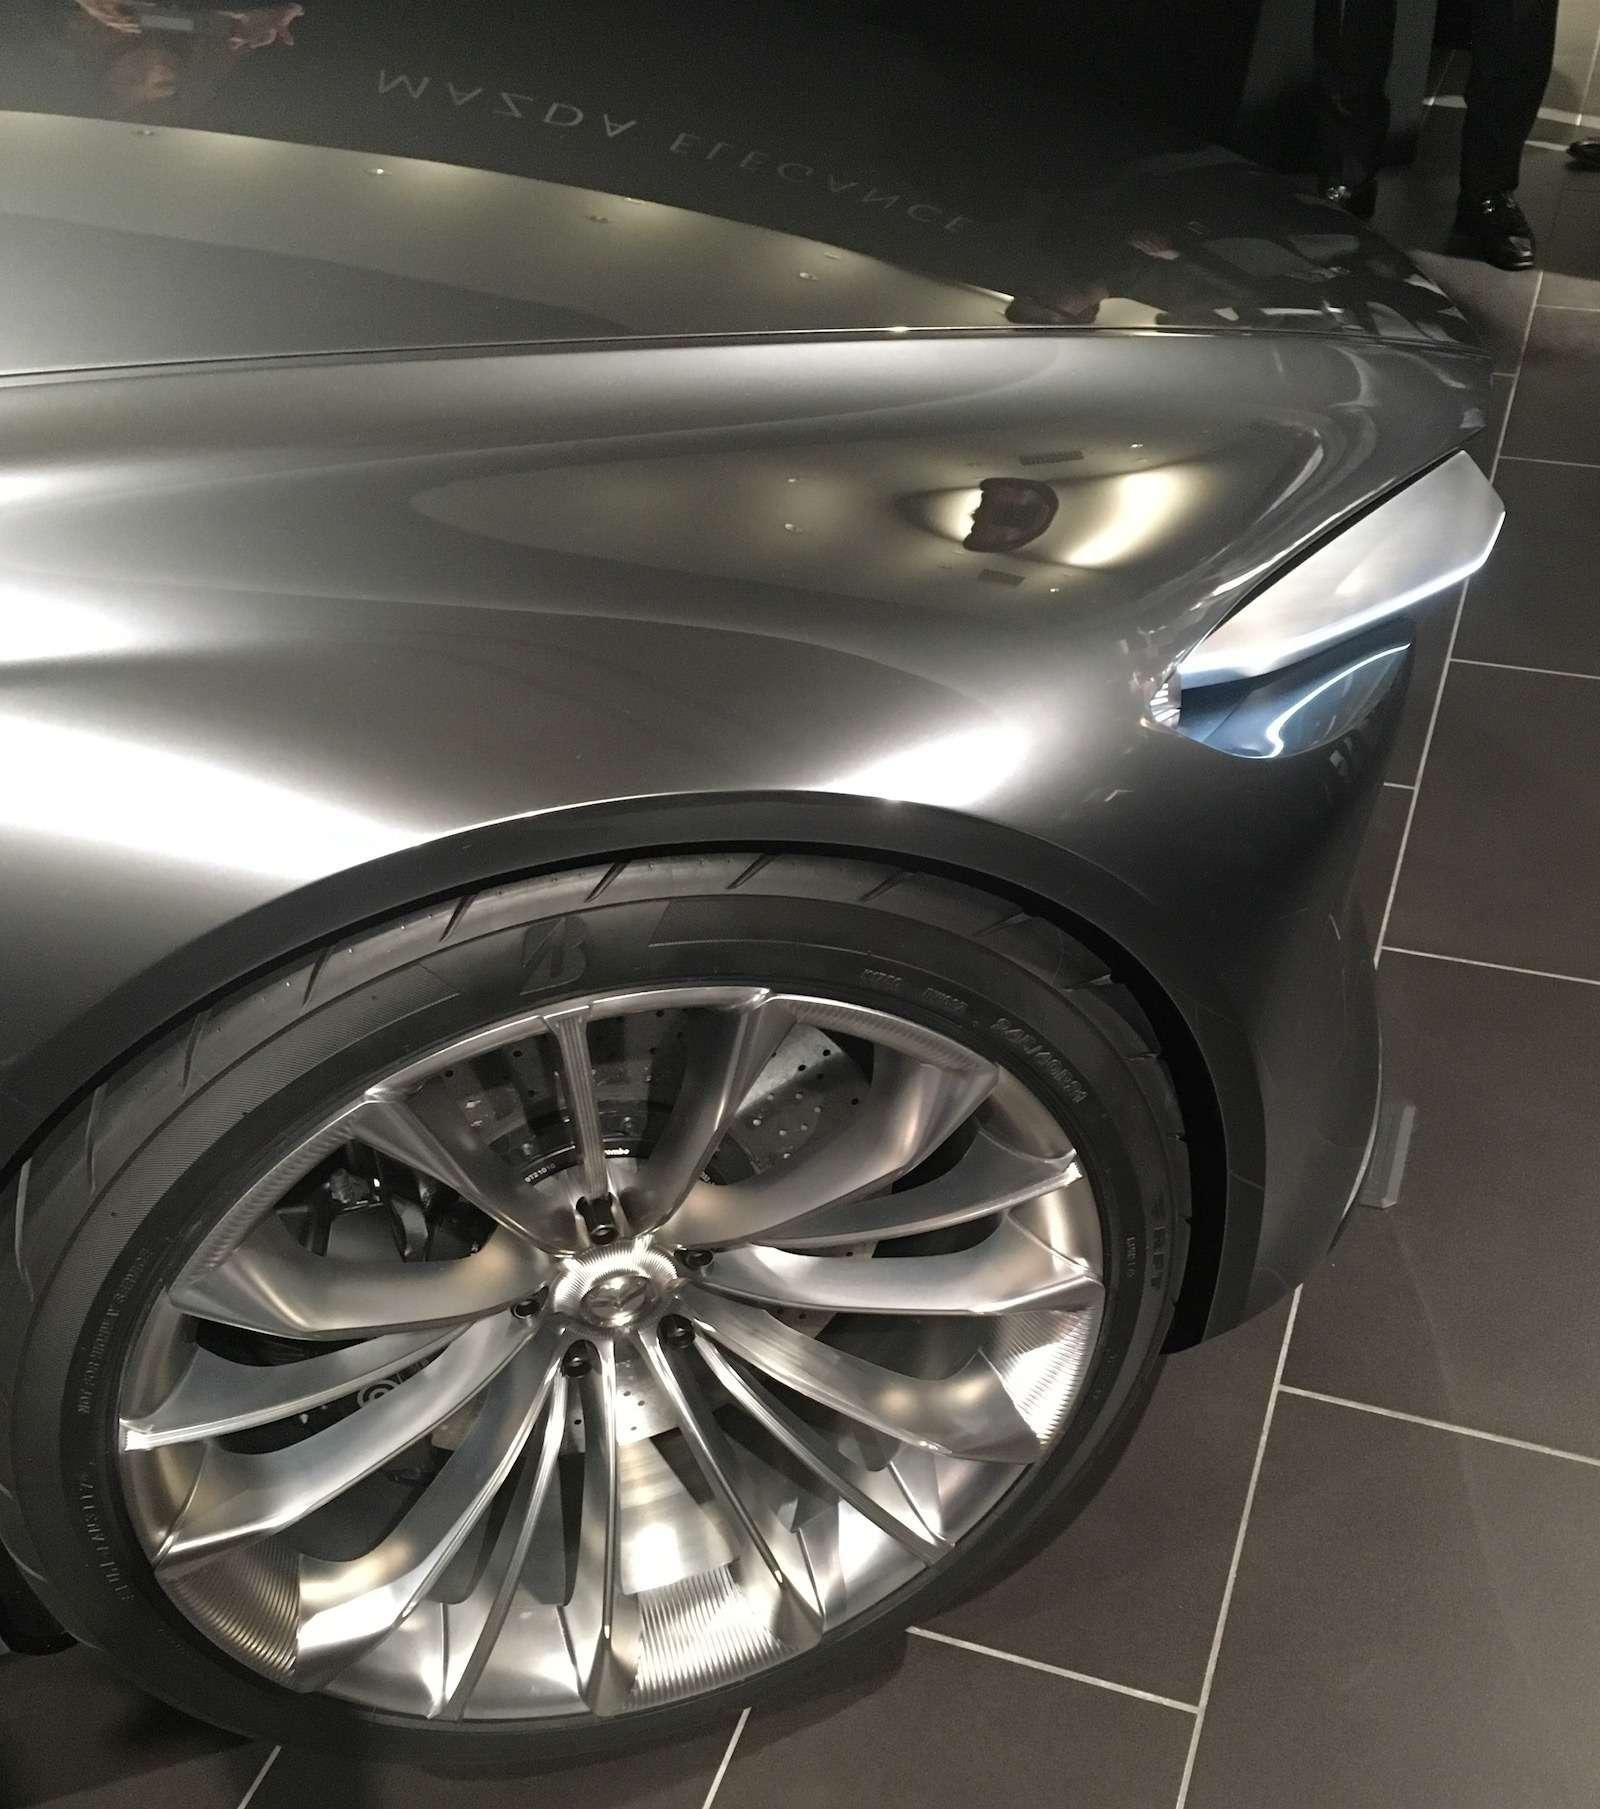 Больше света: Mazda представила обновленную дизайн-концепцию— фото 808887